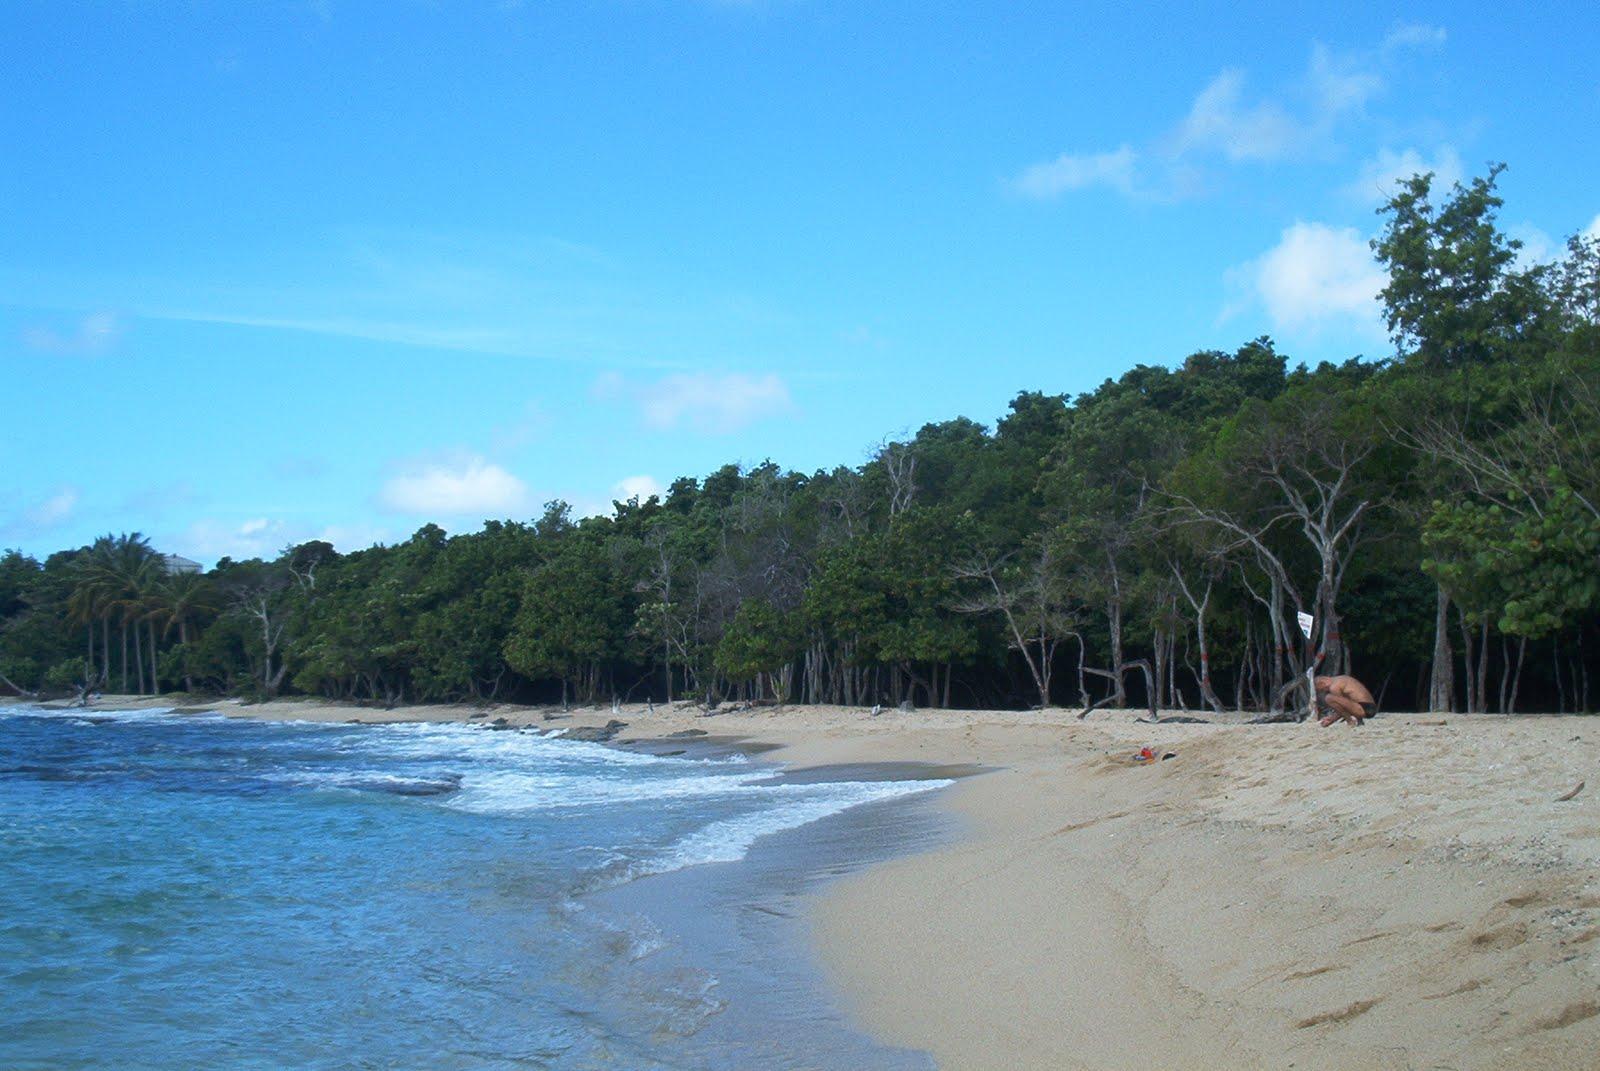 Les plages du sud de la martinique le blog de yeude - Sainte luce martinique office du tourisme ...